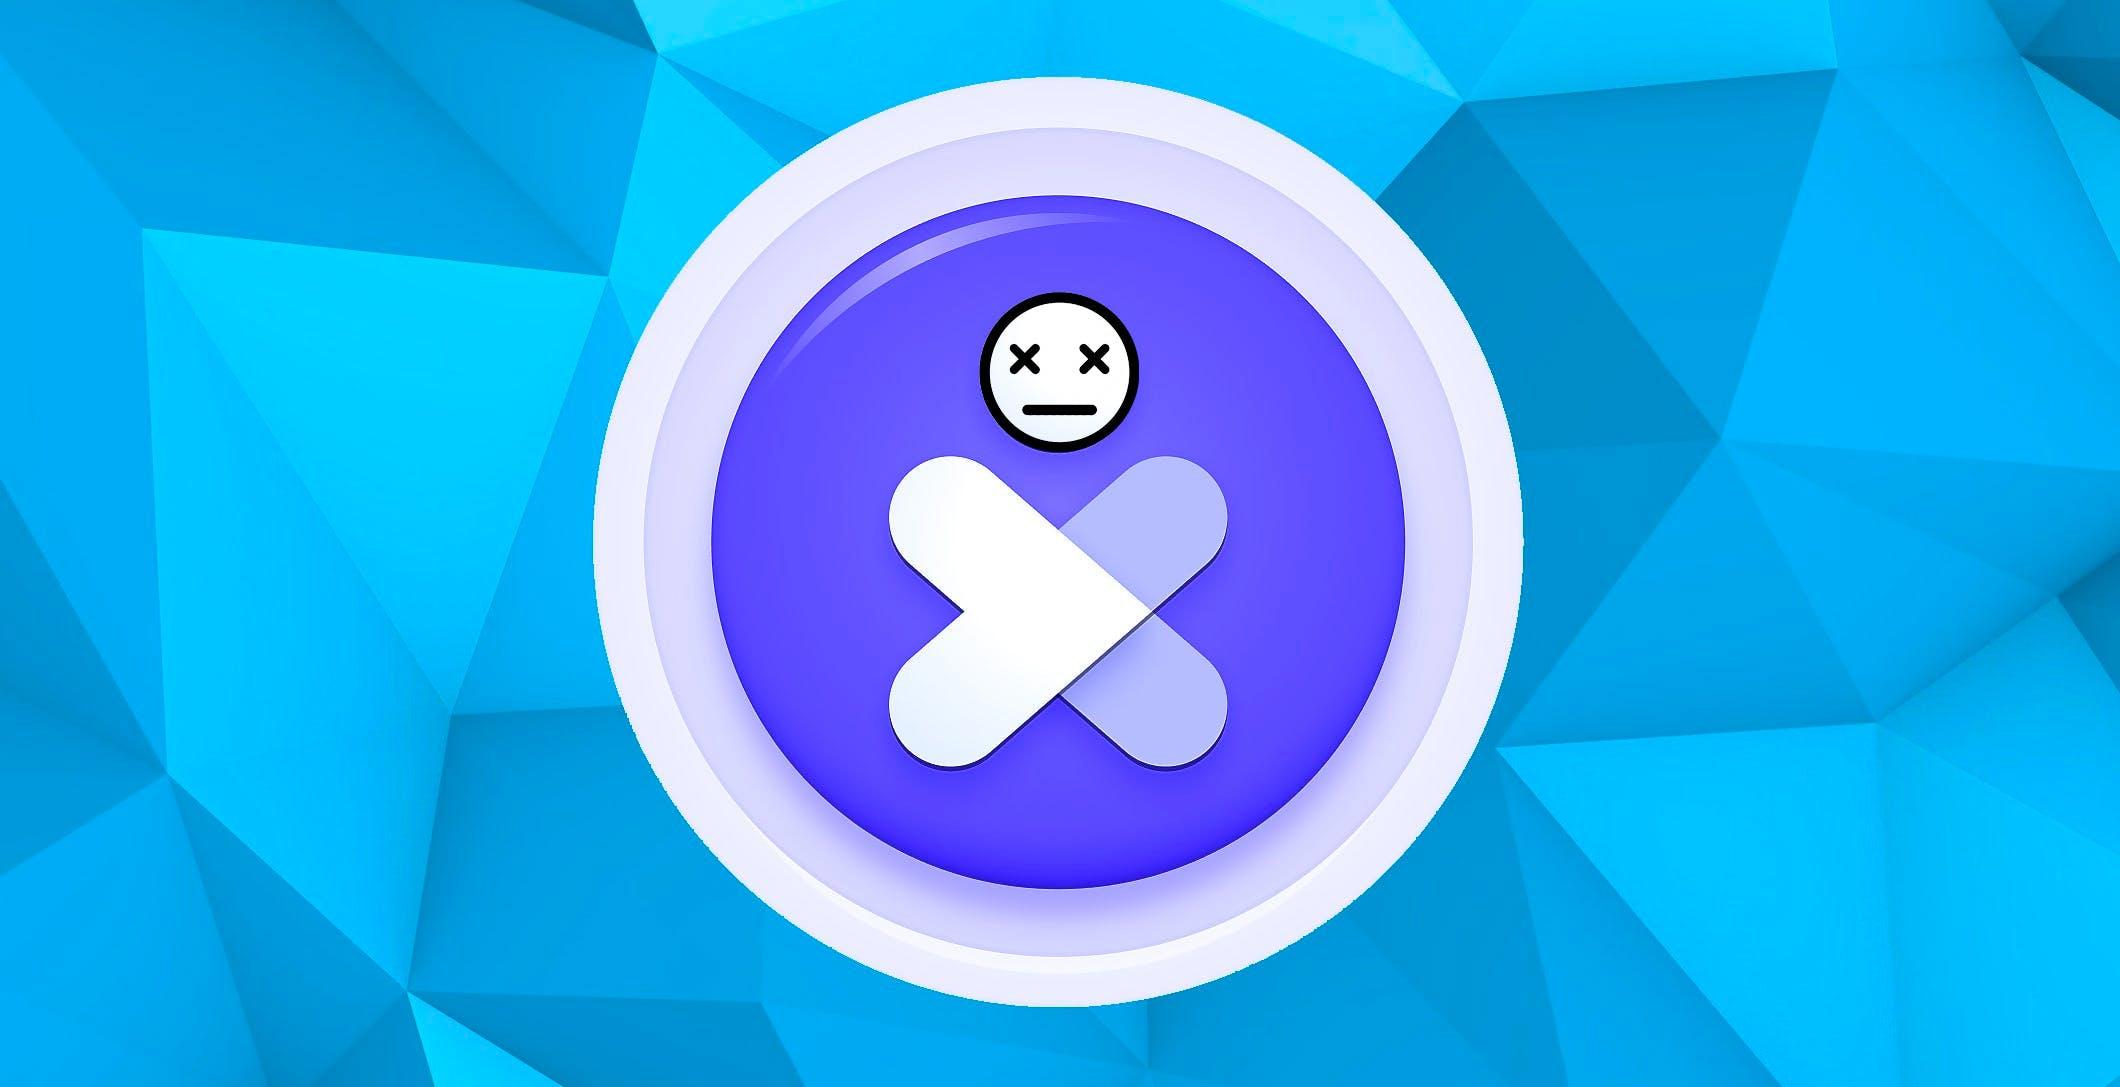 Si sono rotte le app di contact tracing. Immuni funziona male da metà novembre: manda pochissime notifiche